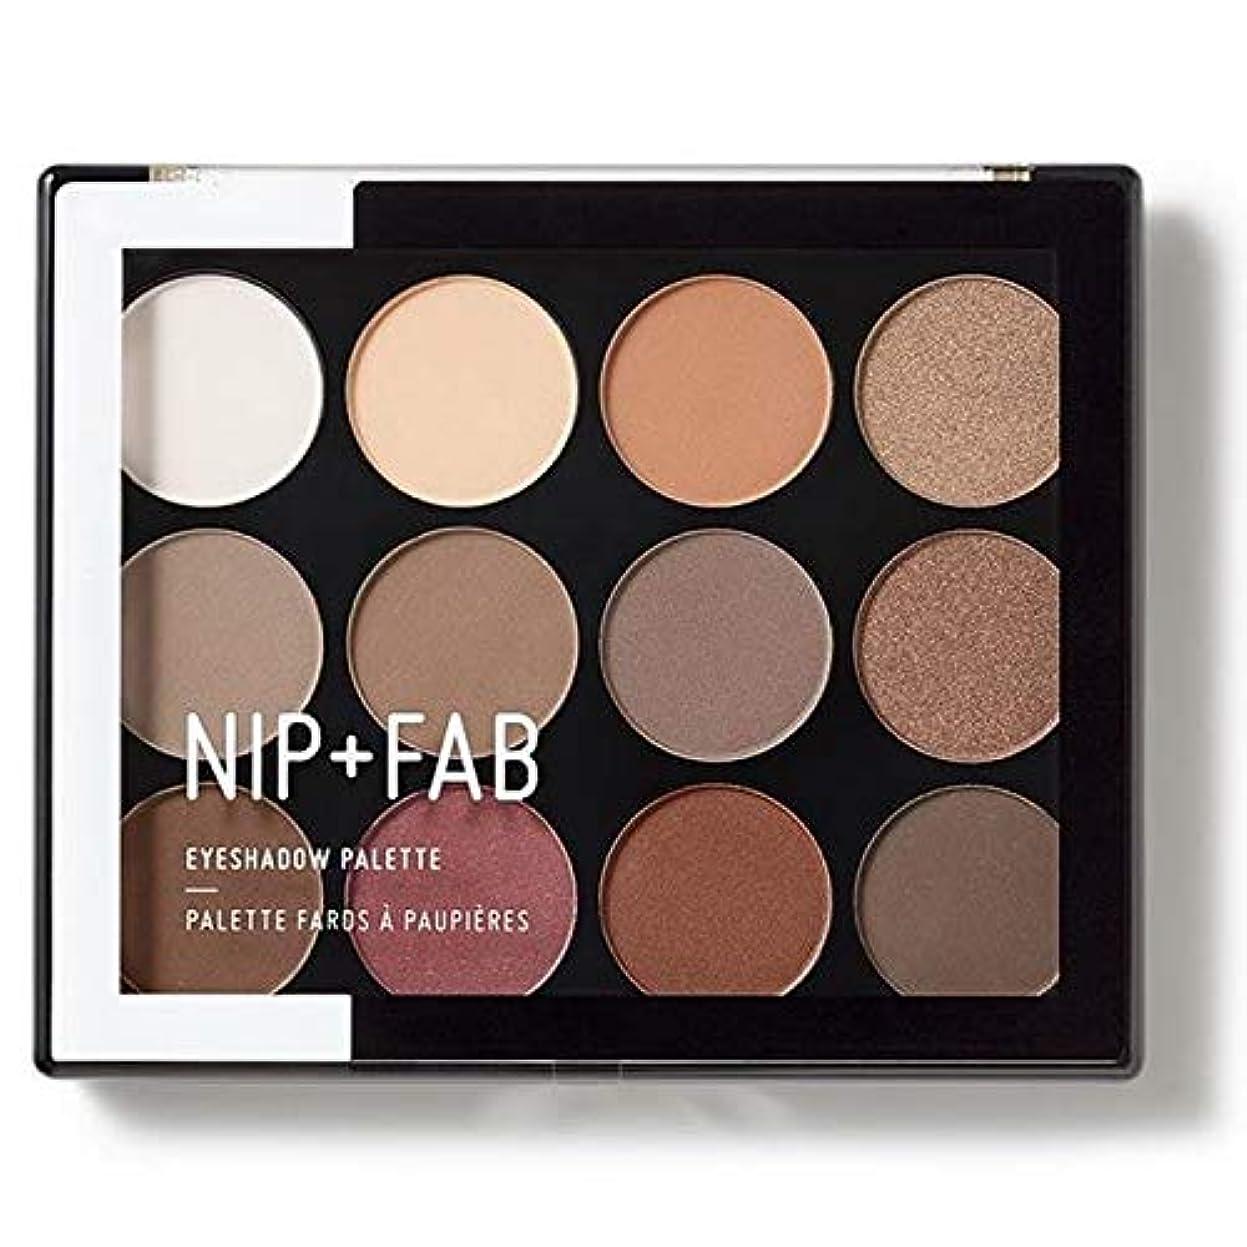 改修する低下境界[Nip & Fab ] アイシャドウパレット12グラムが1を彫刻作るFab +ニップ - NIP+FAB Make Up Eyeshadow Palette 12g Sculpted 1 [並行輸入品]